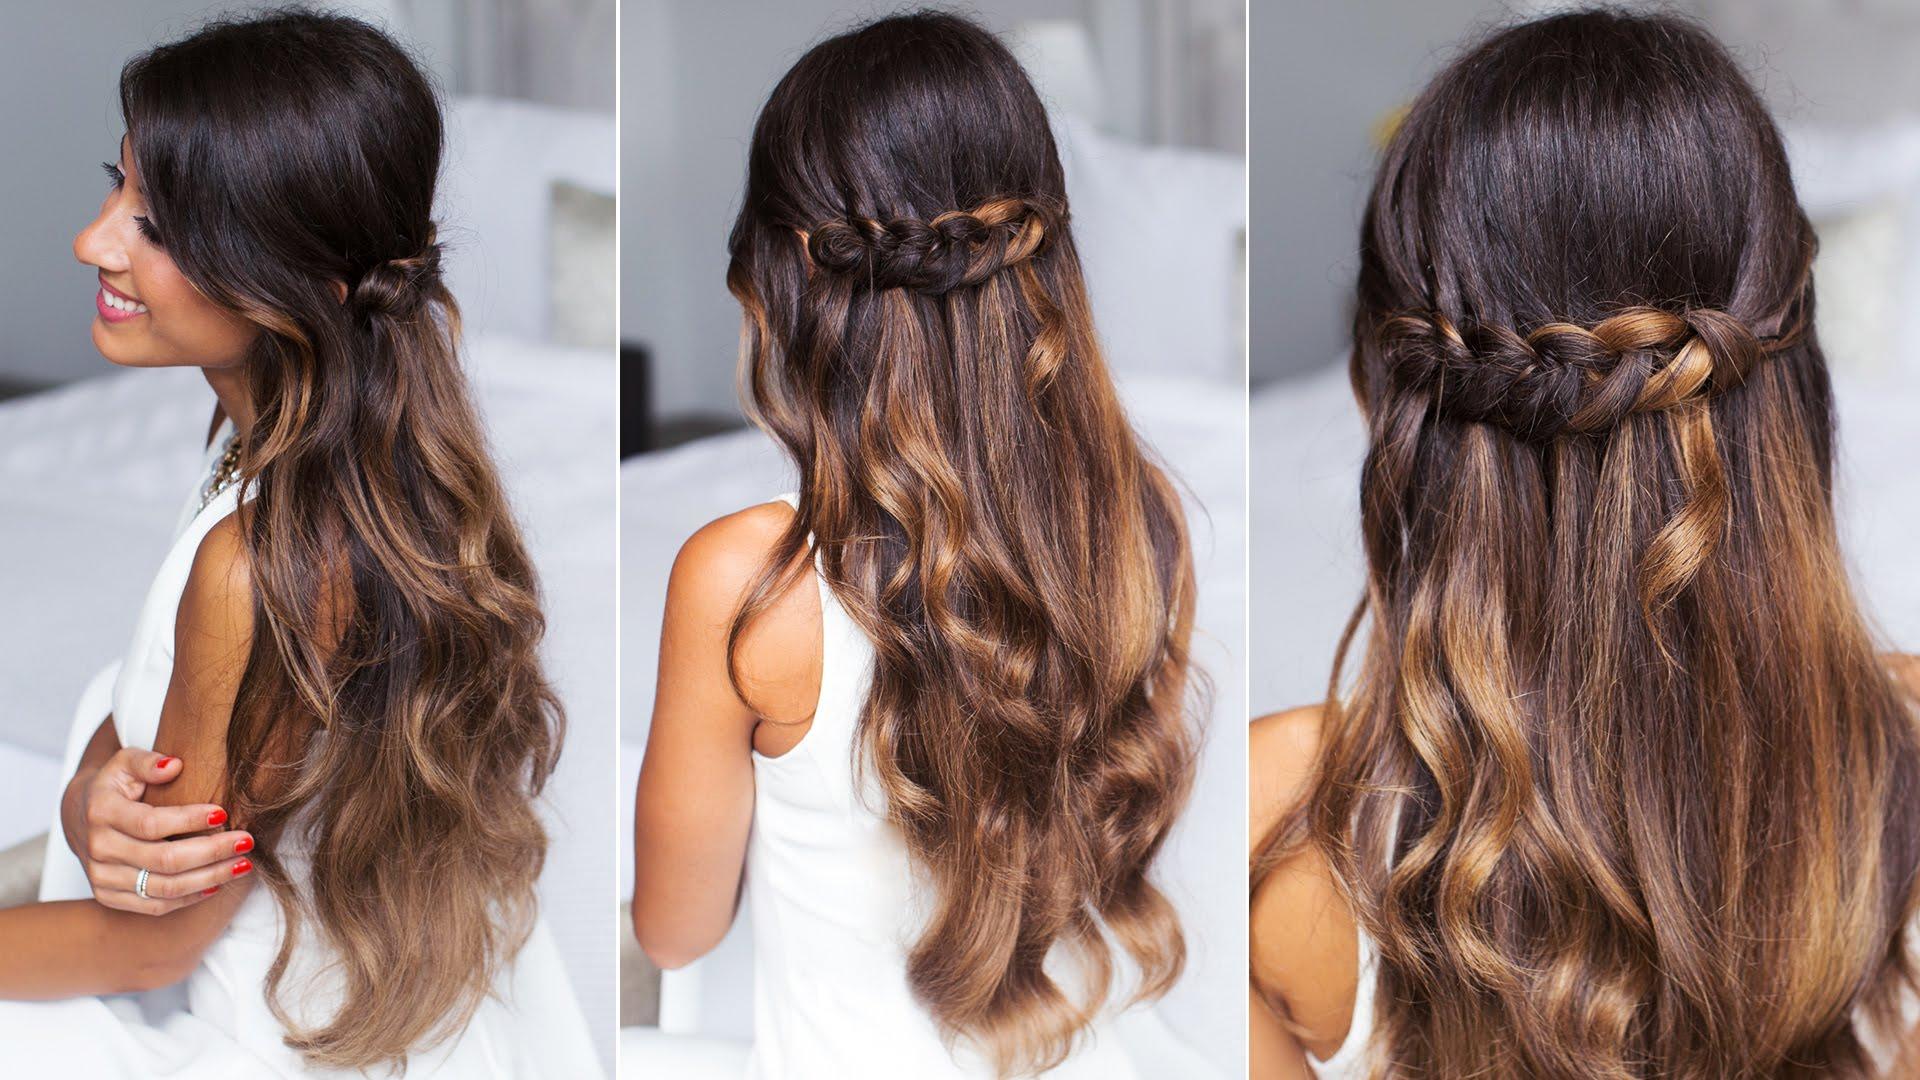 Cute hair ideas for first date